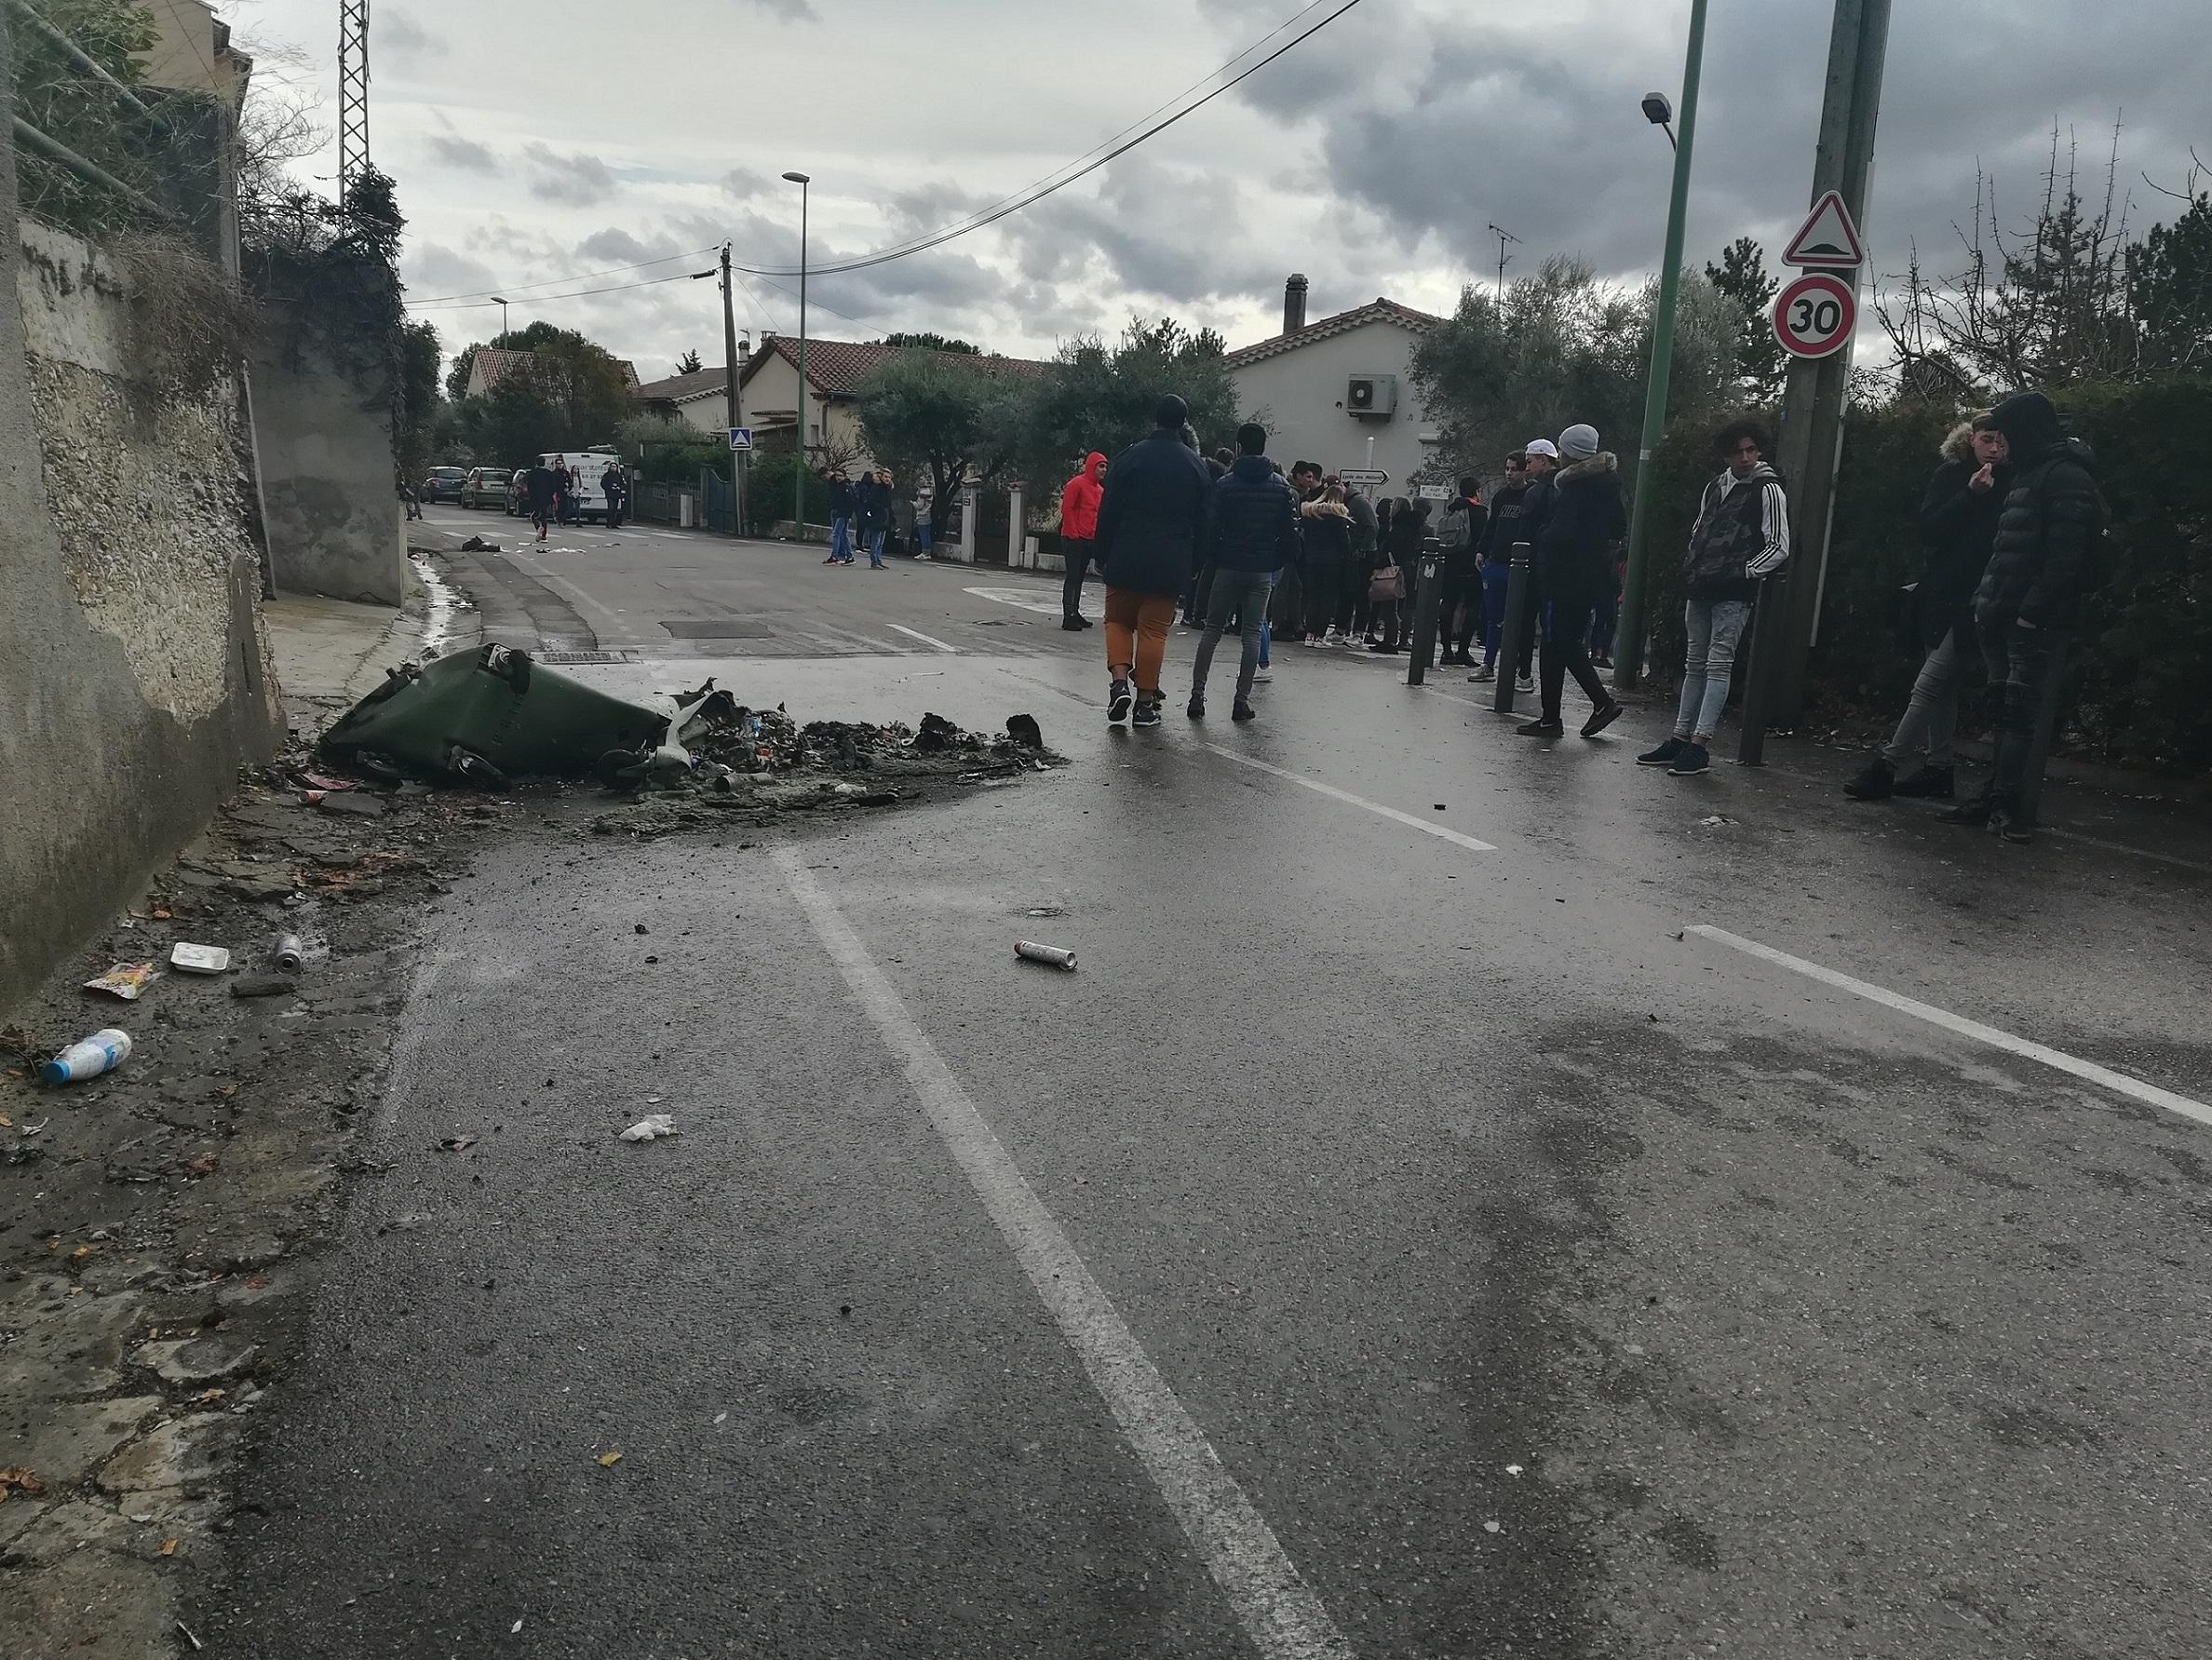 Une manifestation lycéenne a dégénéré hier à Manosque